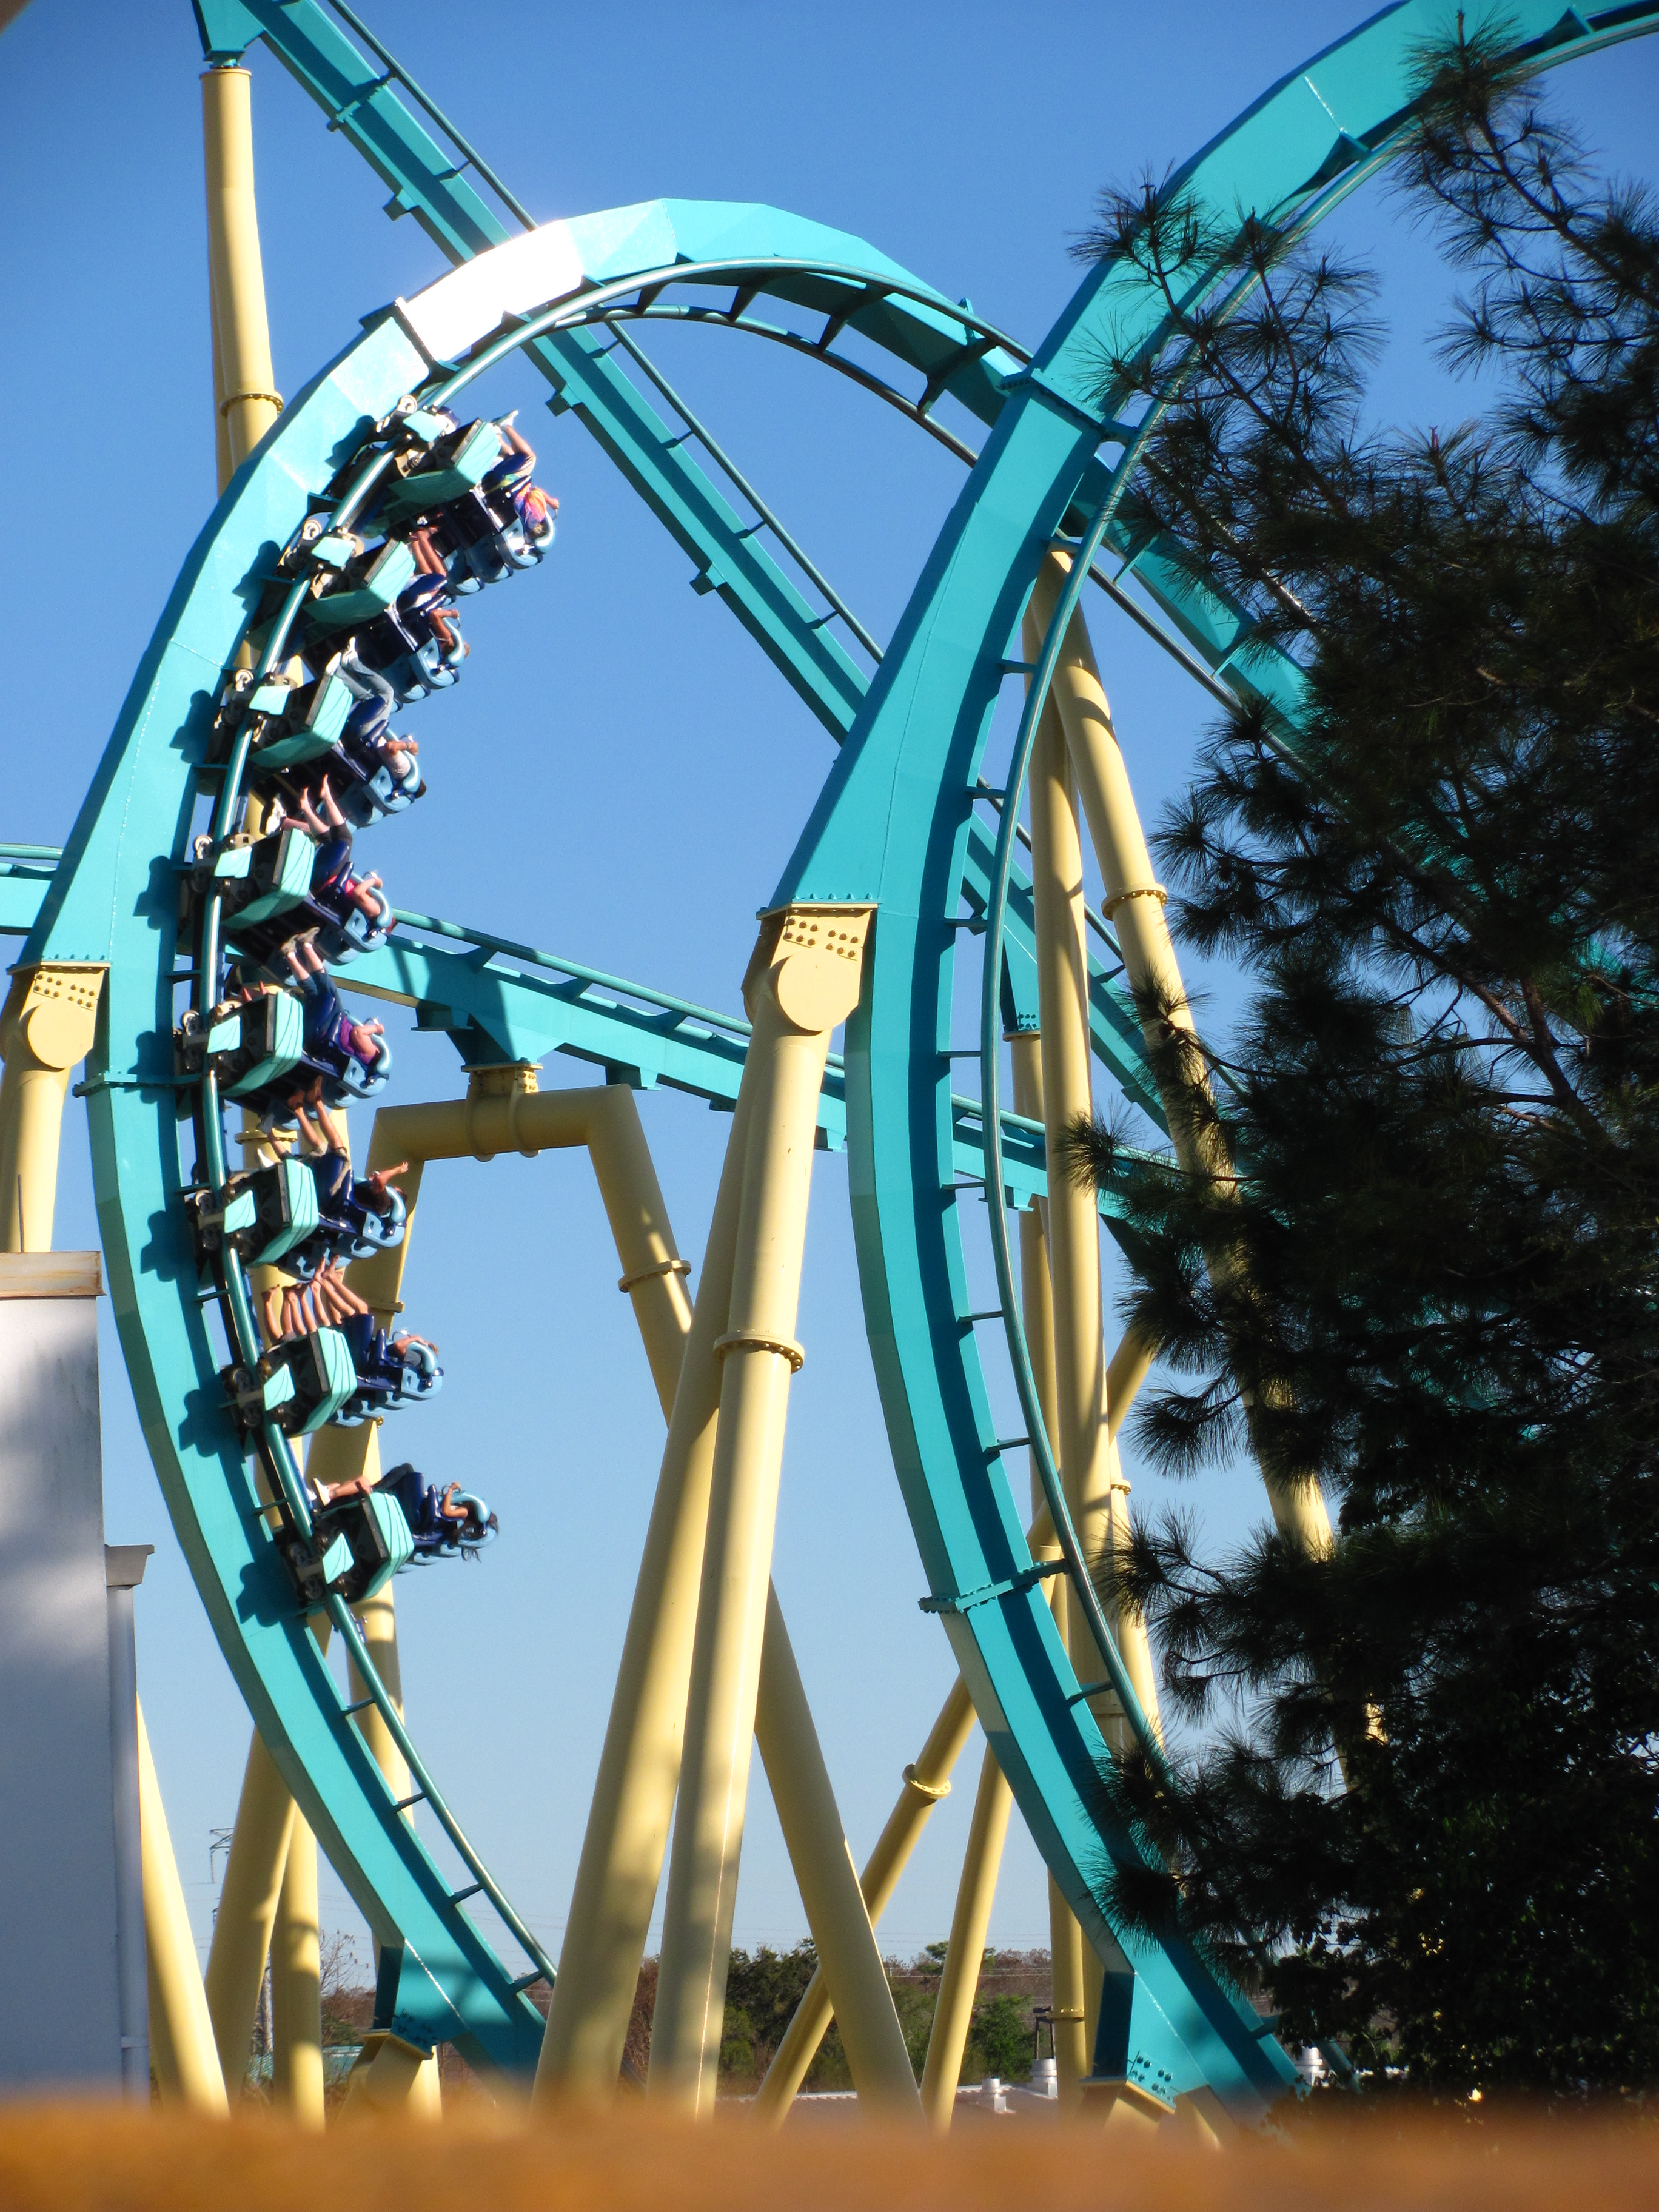 File:Kraken at SeaWorld Orlando 30.jpg - Wikimedia Commons